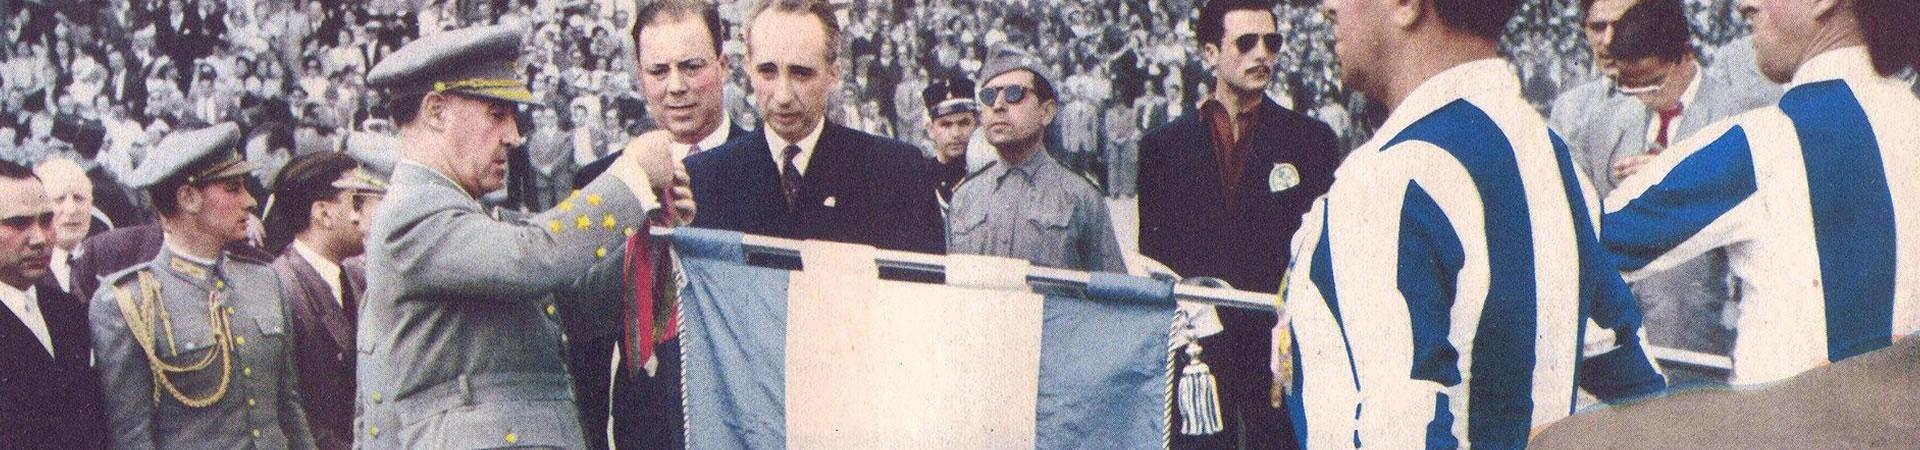 História - Futebol Clube do Porto